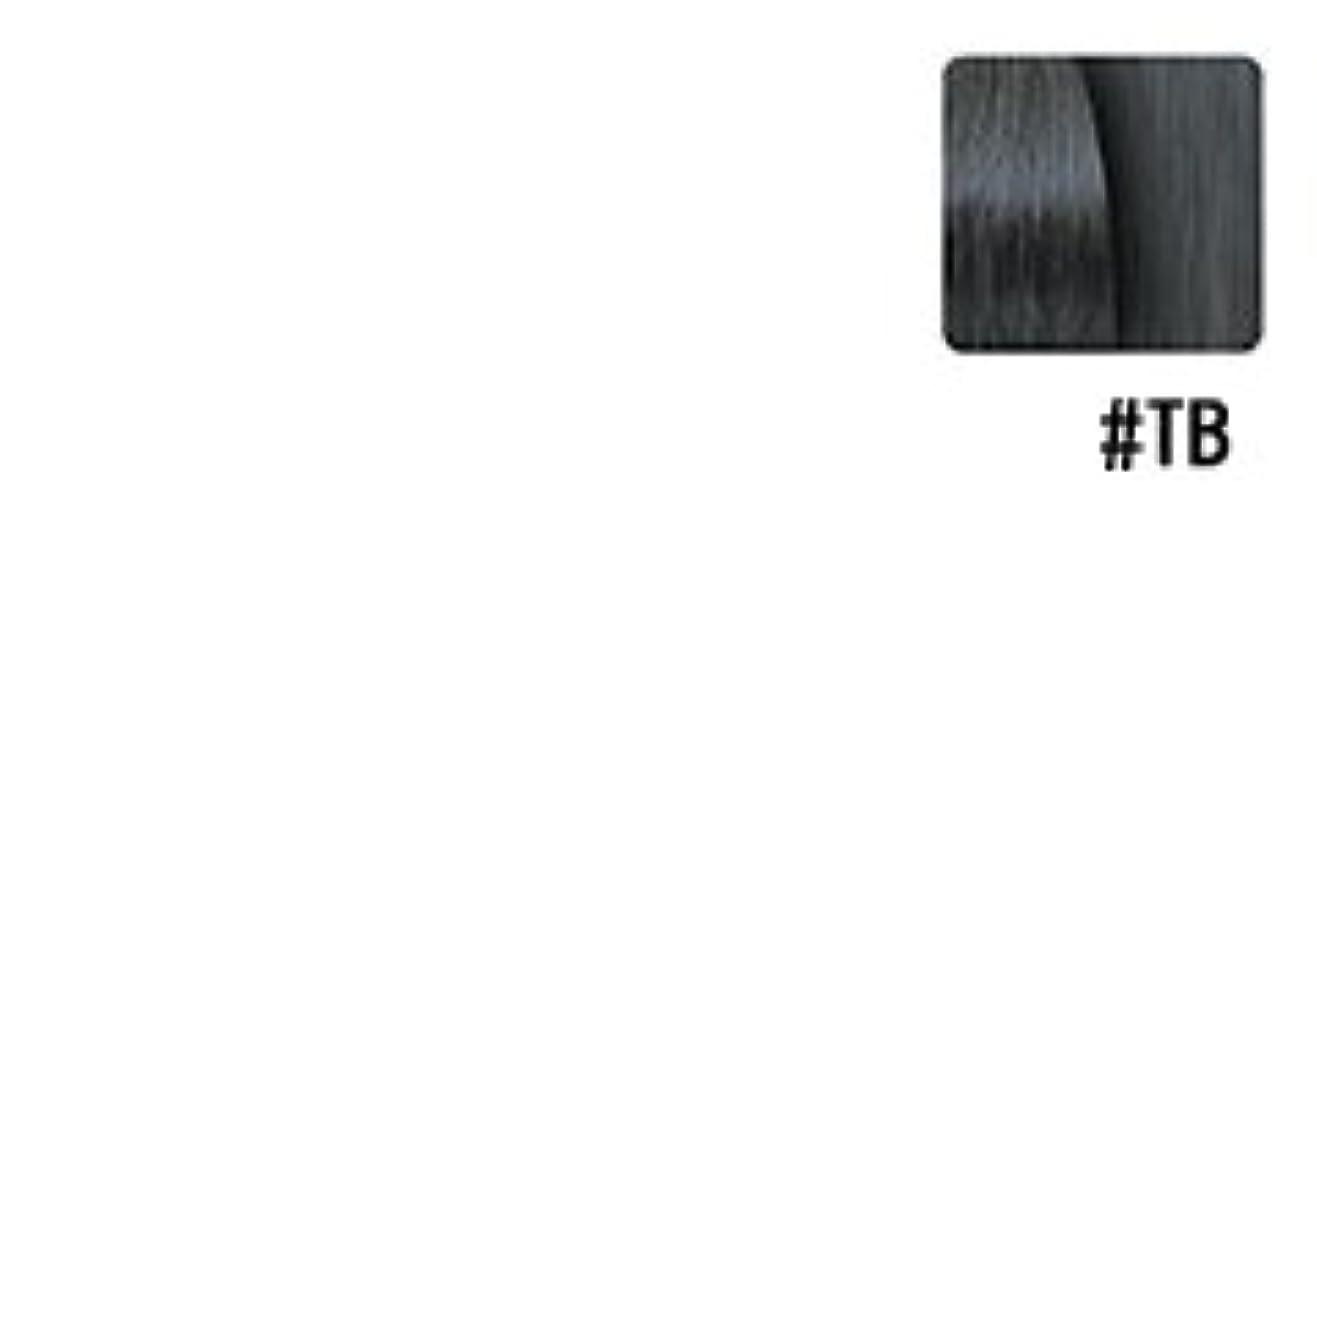 気をつけてしつけ事務所【ナンバースリー】カラーコンシャス テクスチャーカラー #TB (ブルー) 80g